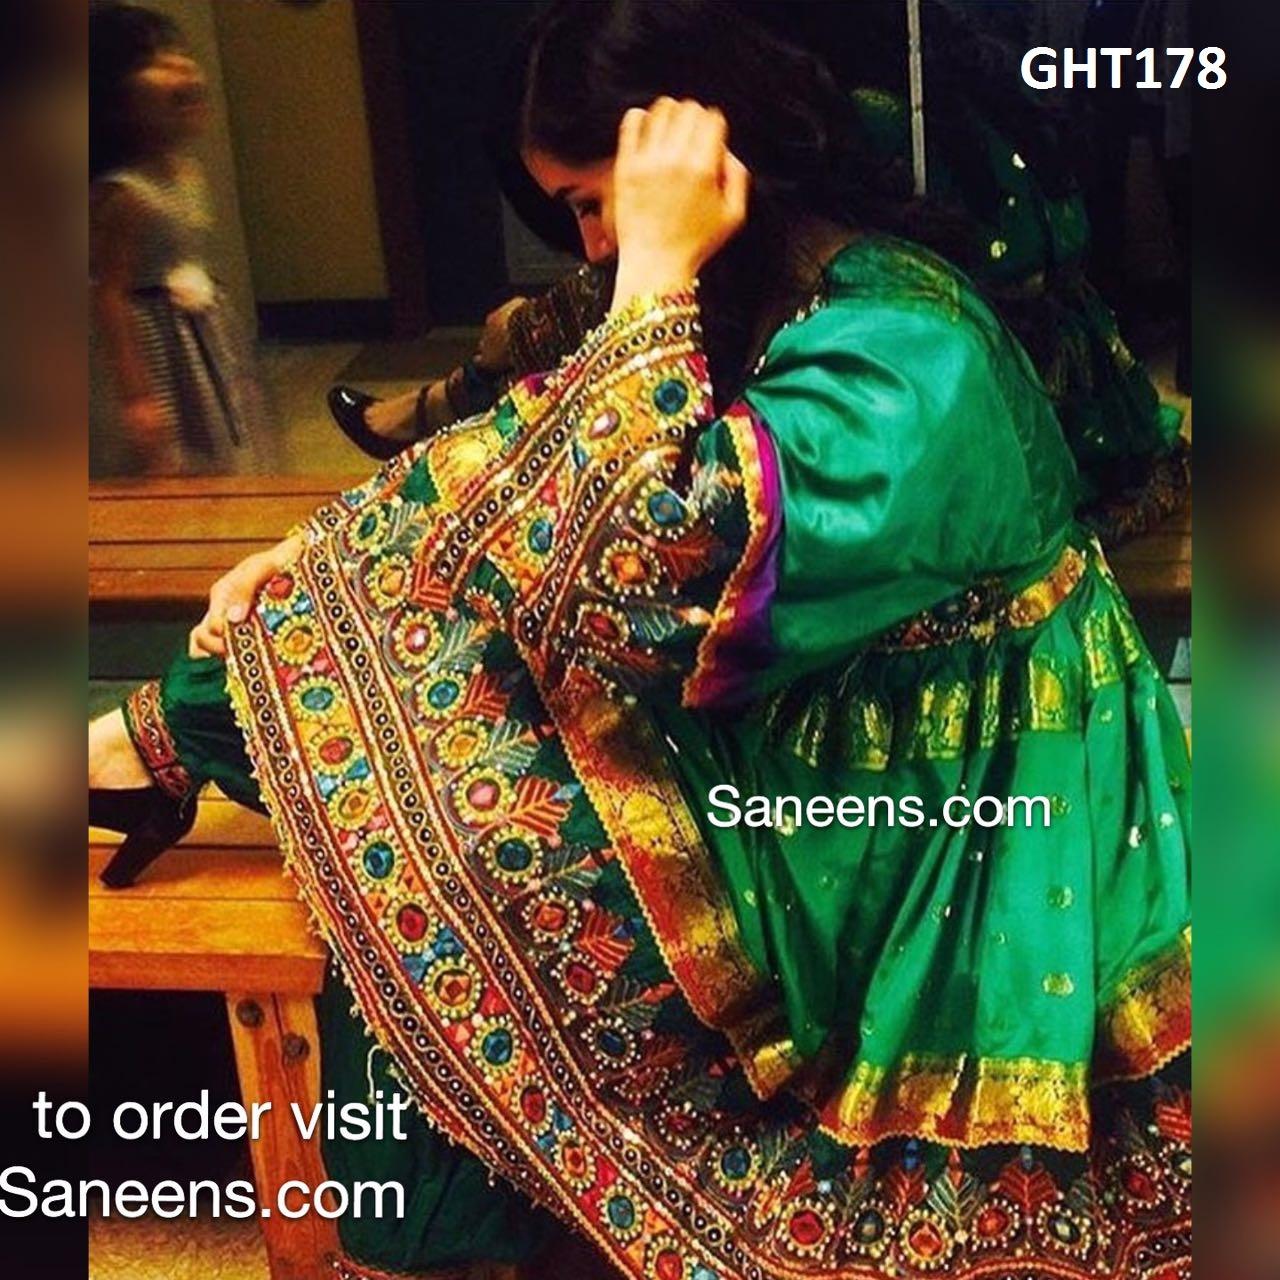 ght178-client-image.jpeg